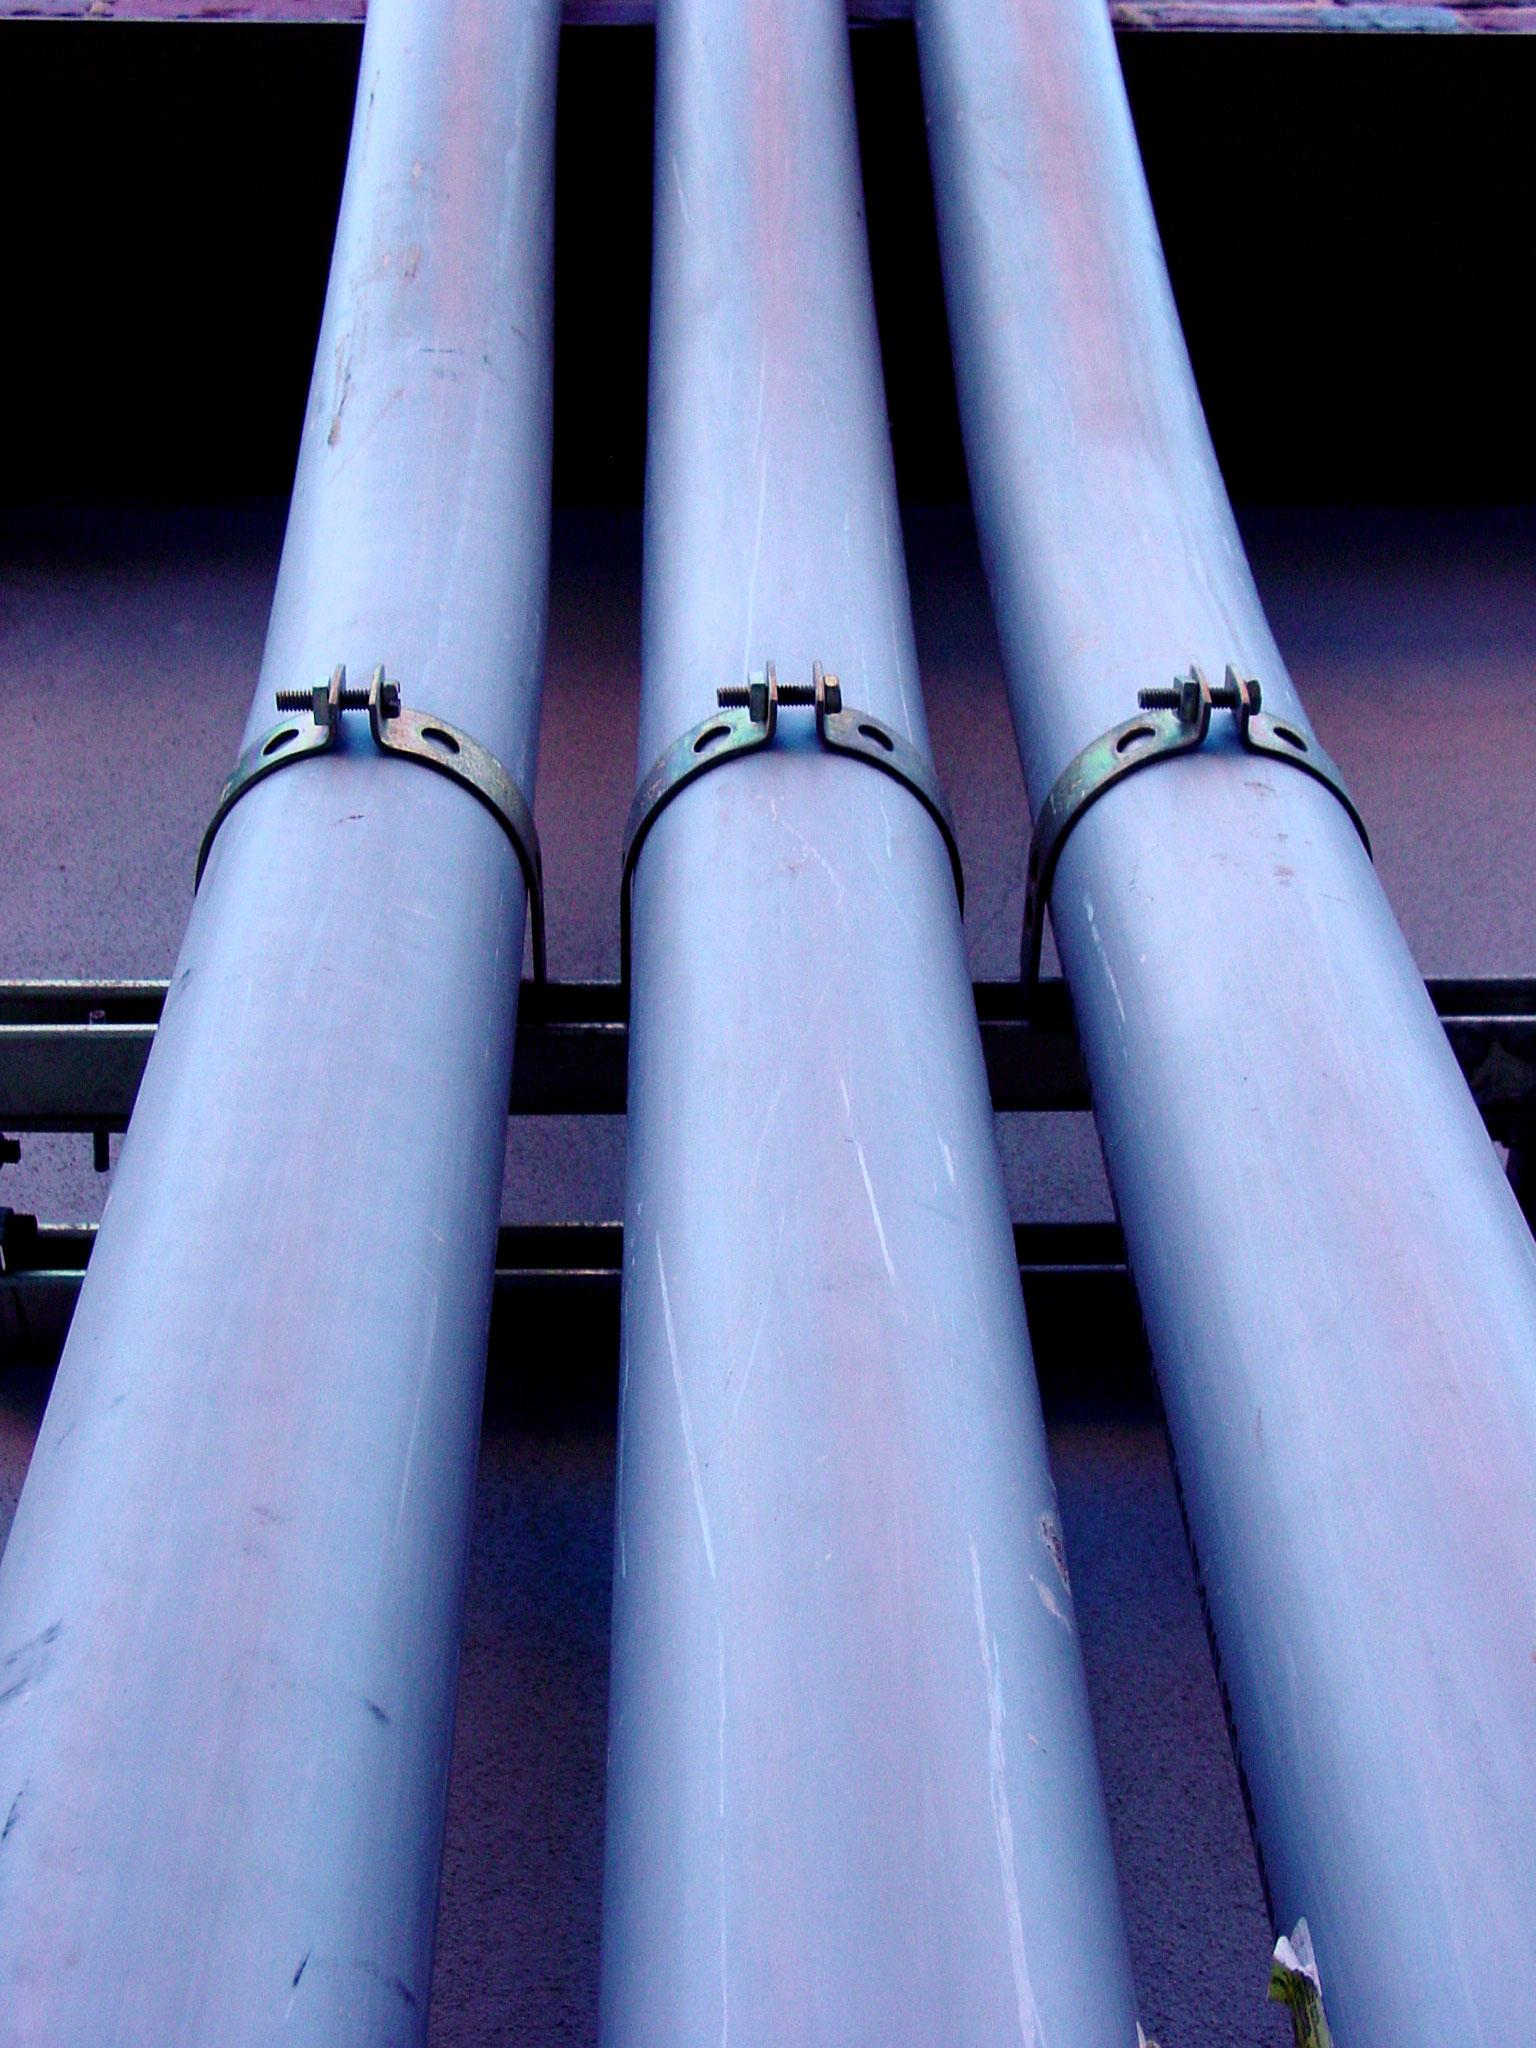 Almacenamiento, transporte y distribución del hidrógeno